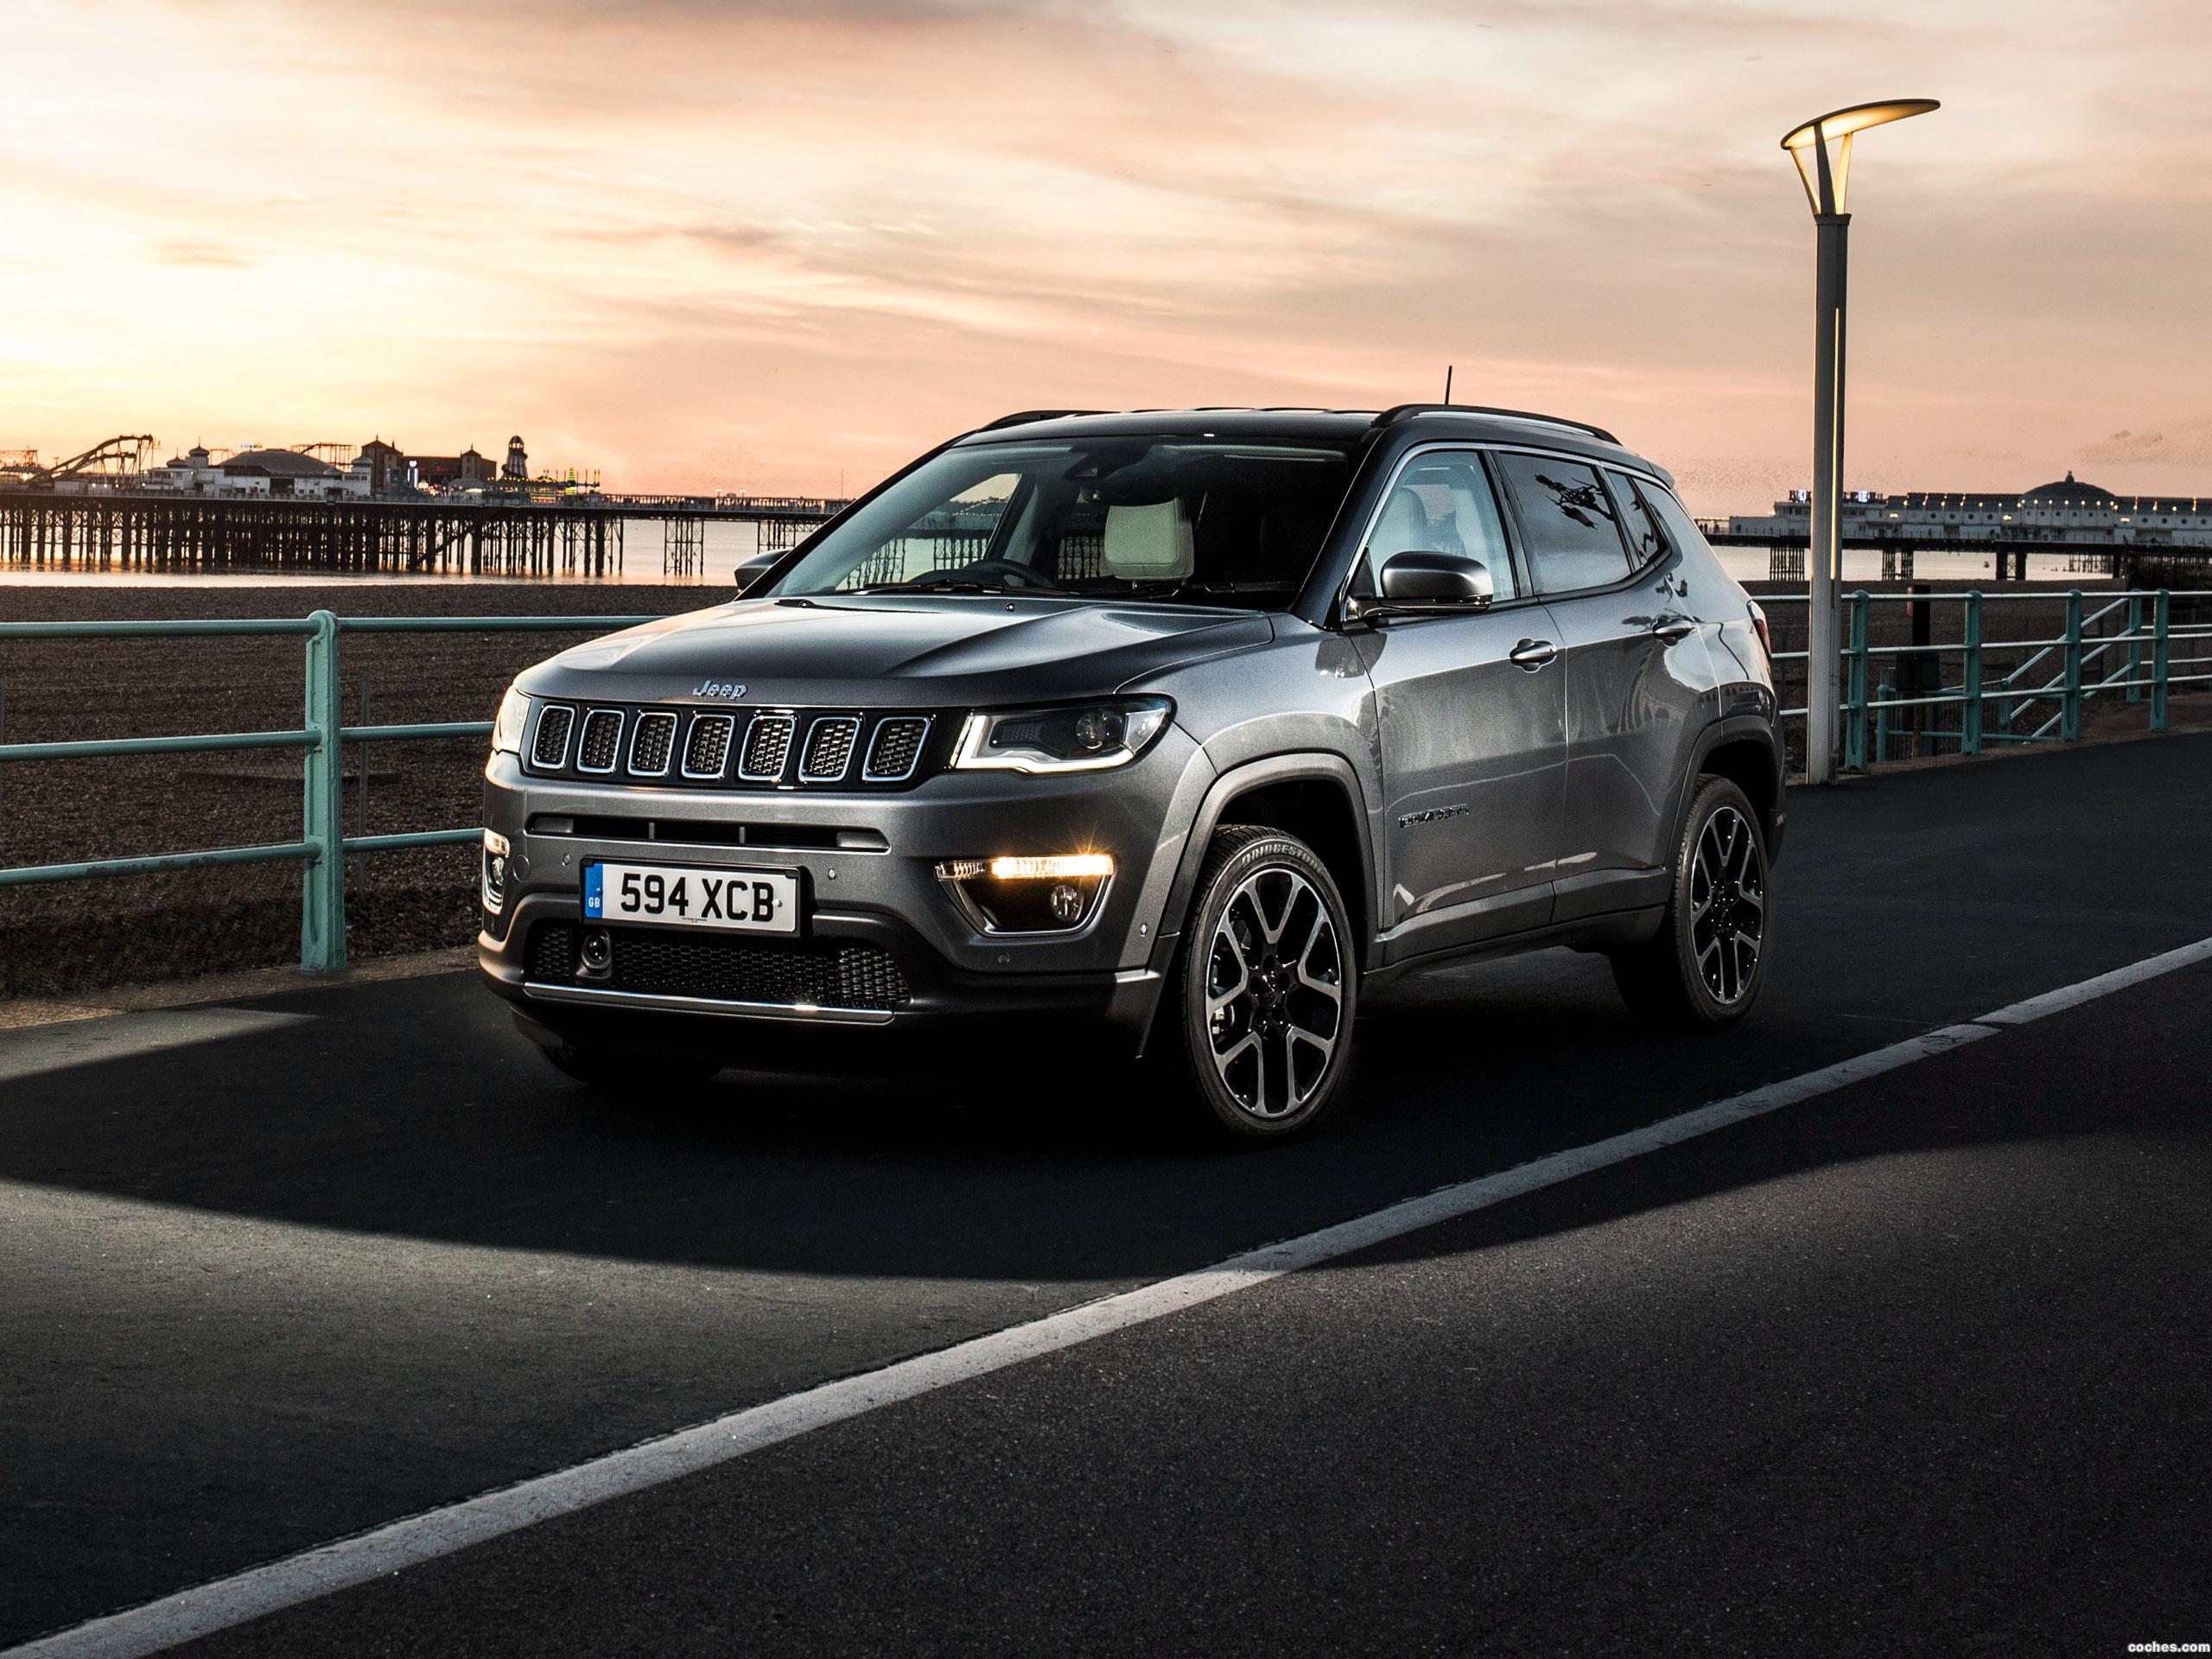 Foto 10 de Jeep Compass Limited UK 2018